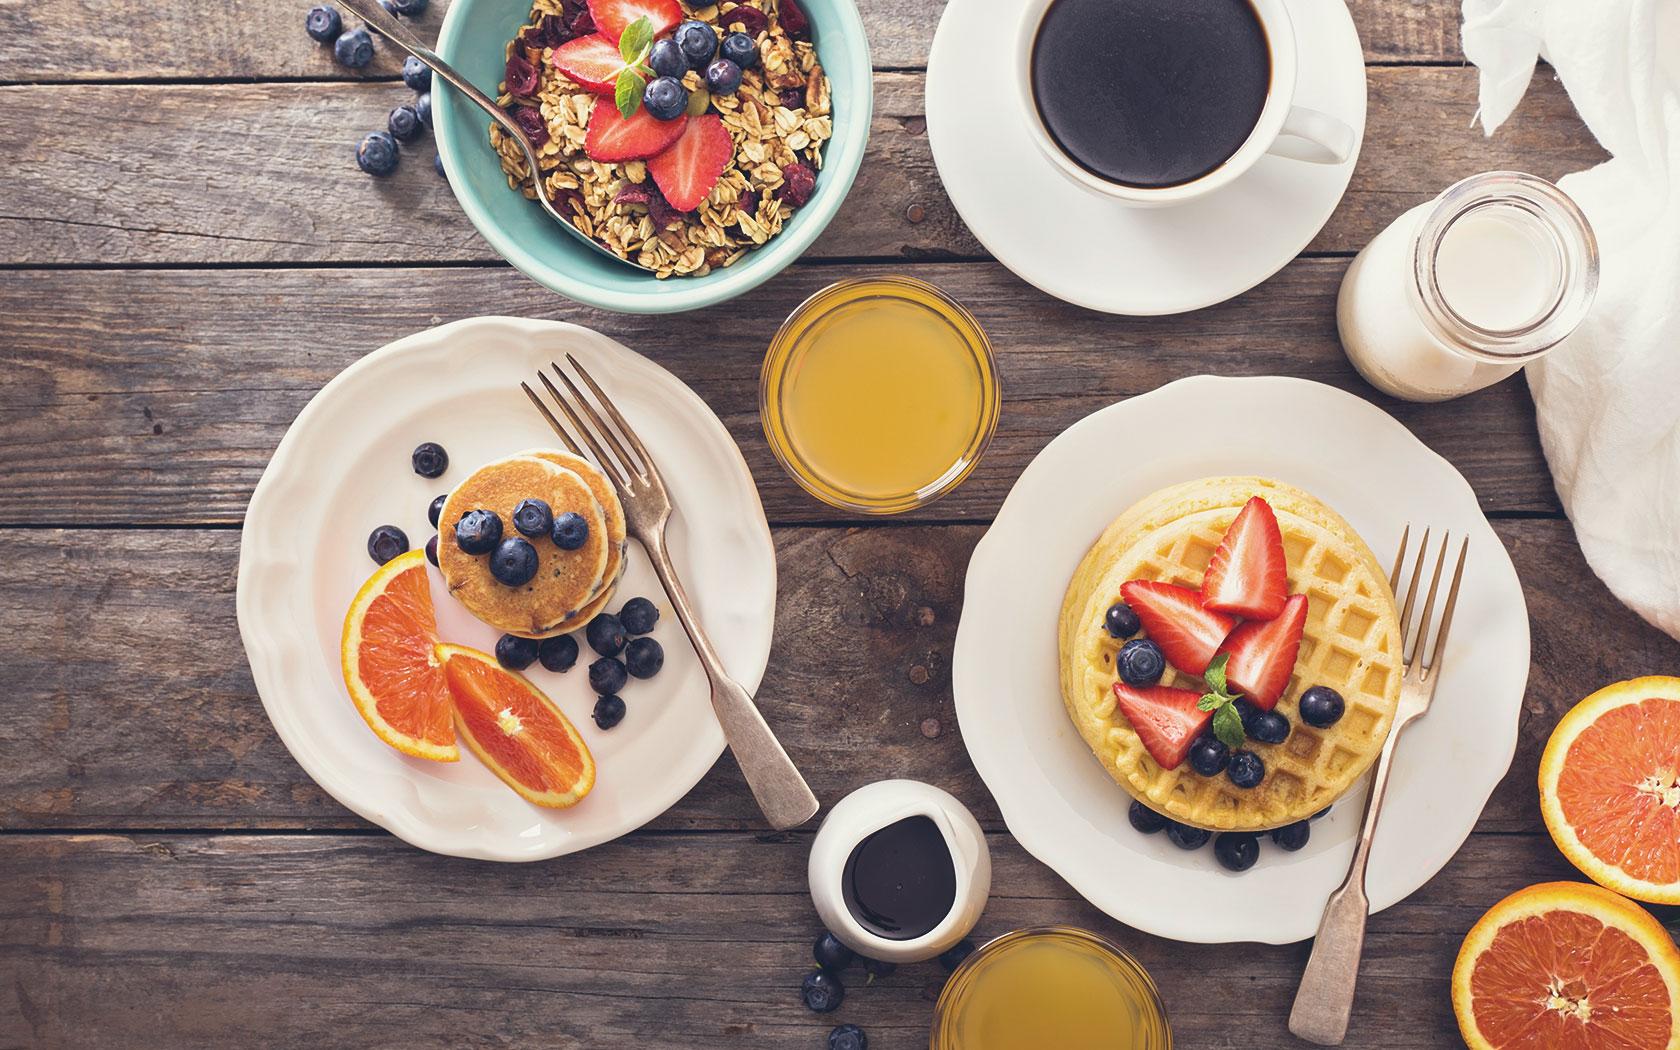 سالم ترین صبحانه های دنیا متعلق به کدام کشورهاست؟